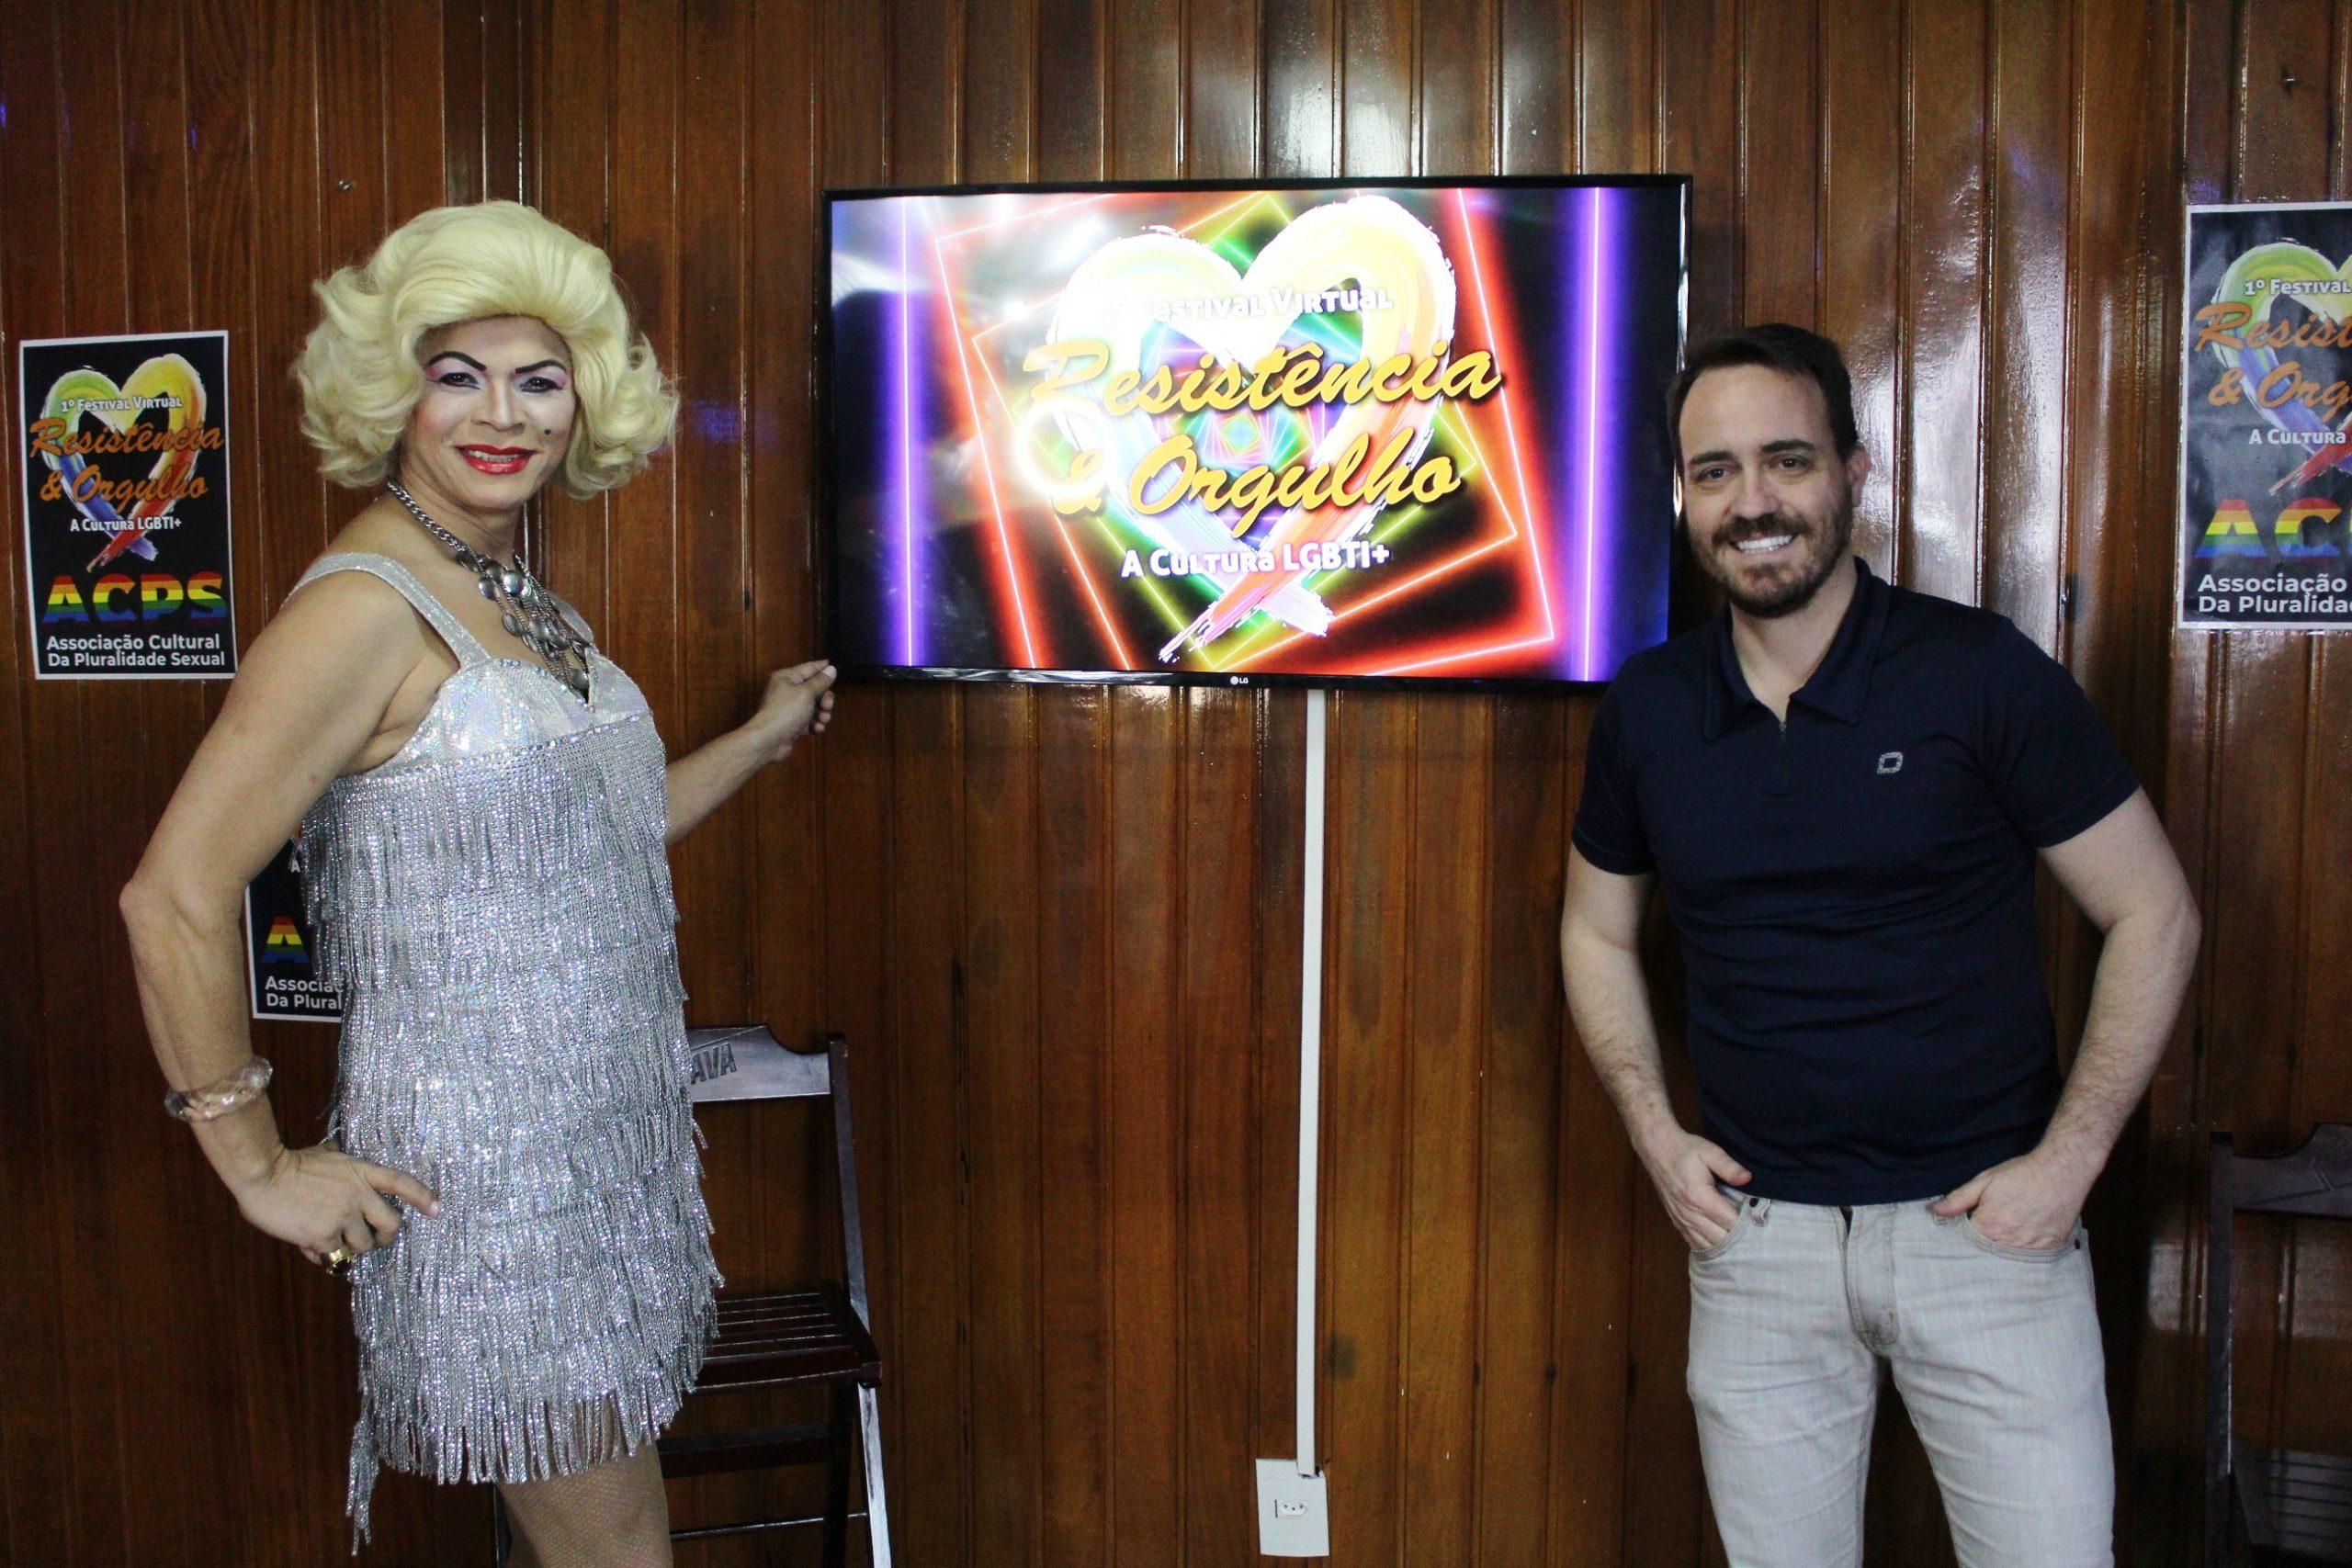 Festival virtual promove a cultura LGBTQIA+ com 22 artistas até domingo